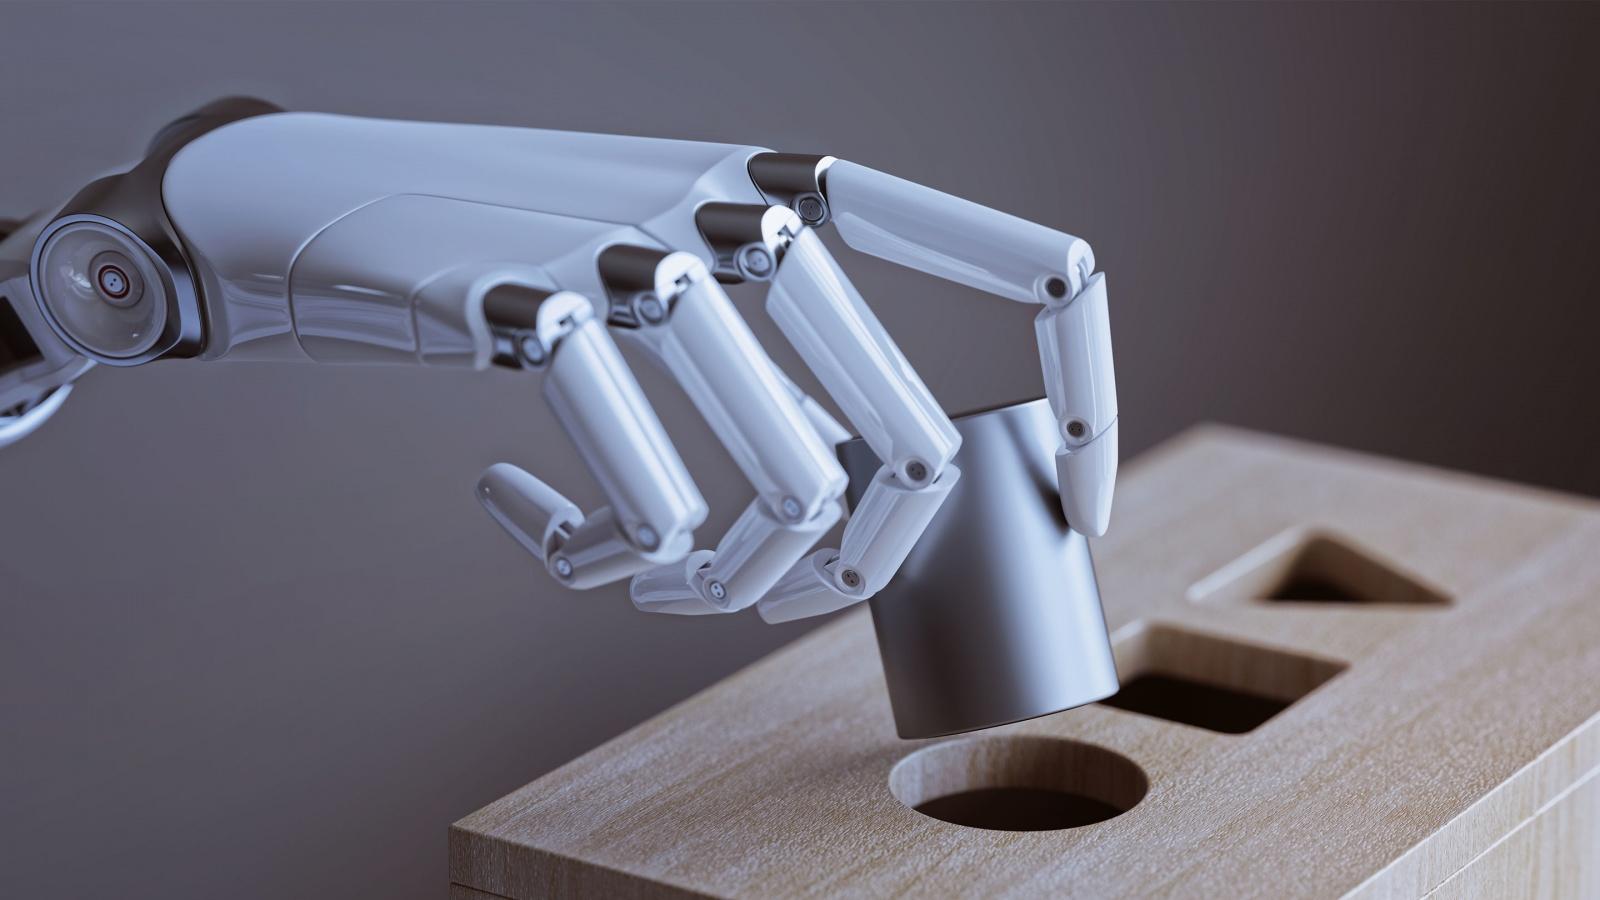 Почему у самообучающегося искусственного интеллекта есть проблемы с реальным миром - 1